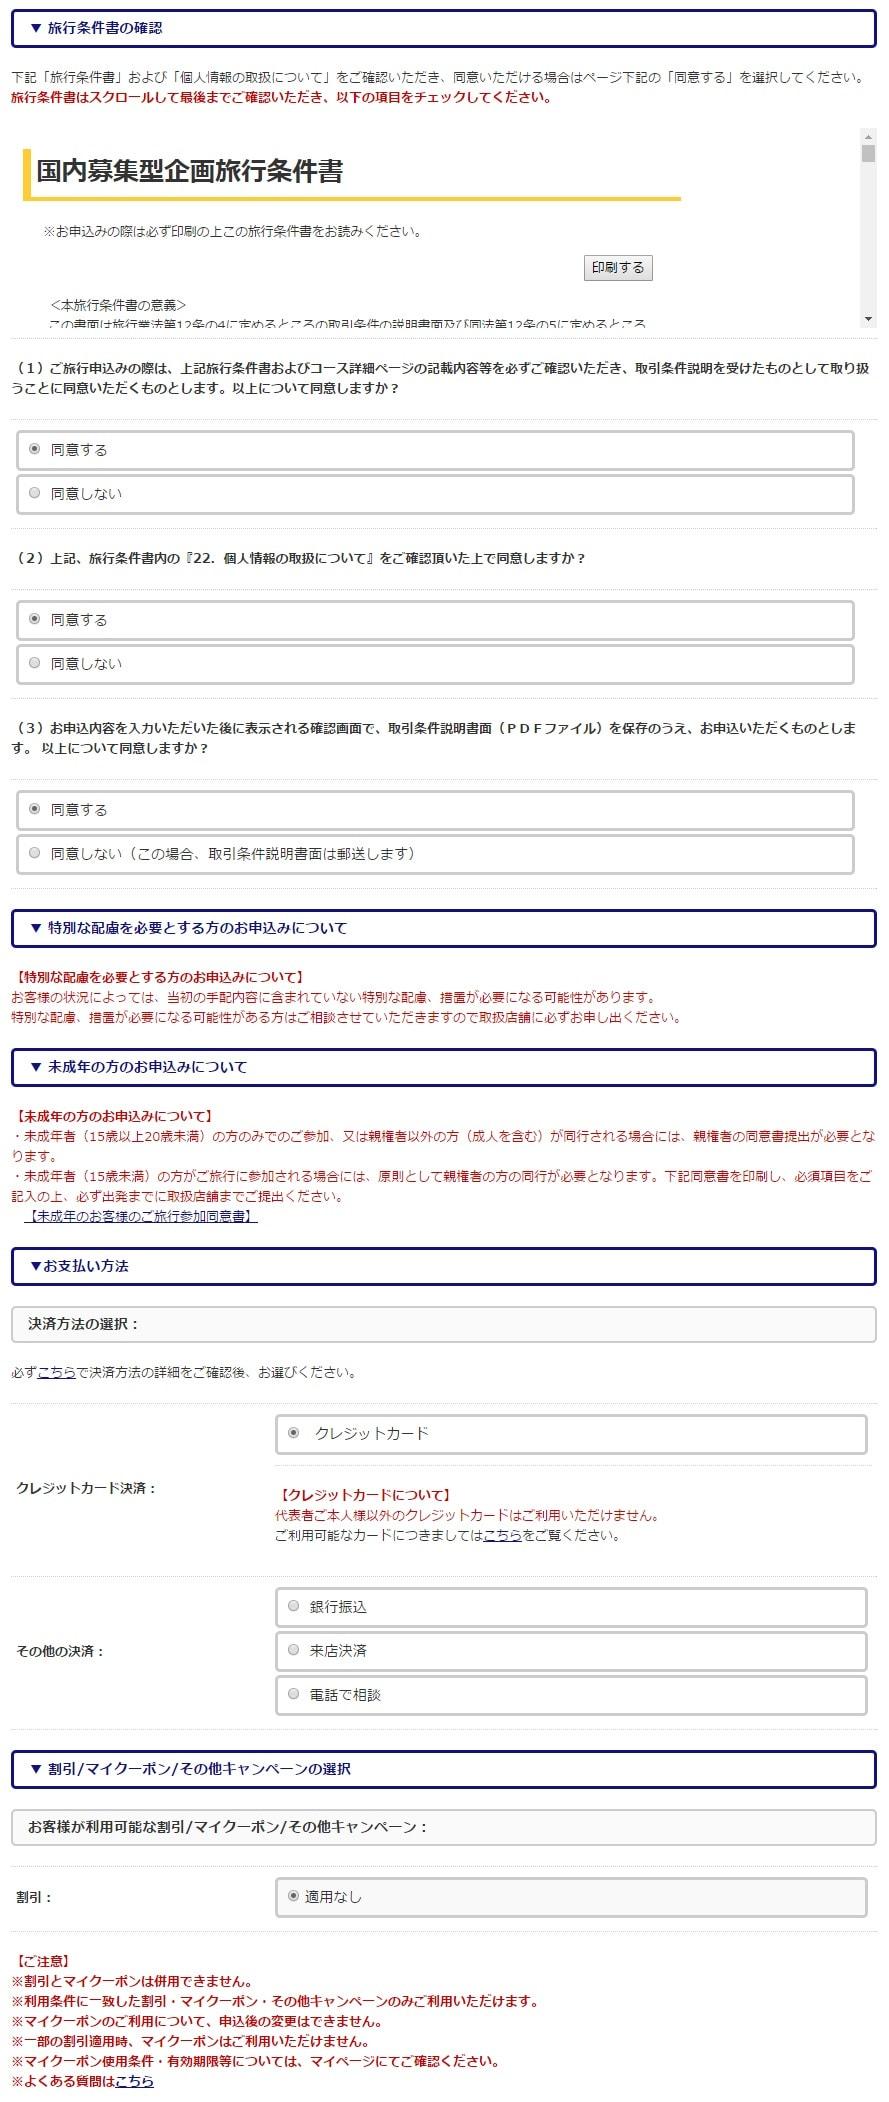 お申込みの手順 6.旅行条件書の確認 | jrセットプラン | 日本旅行